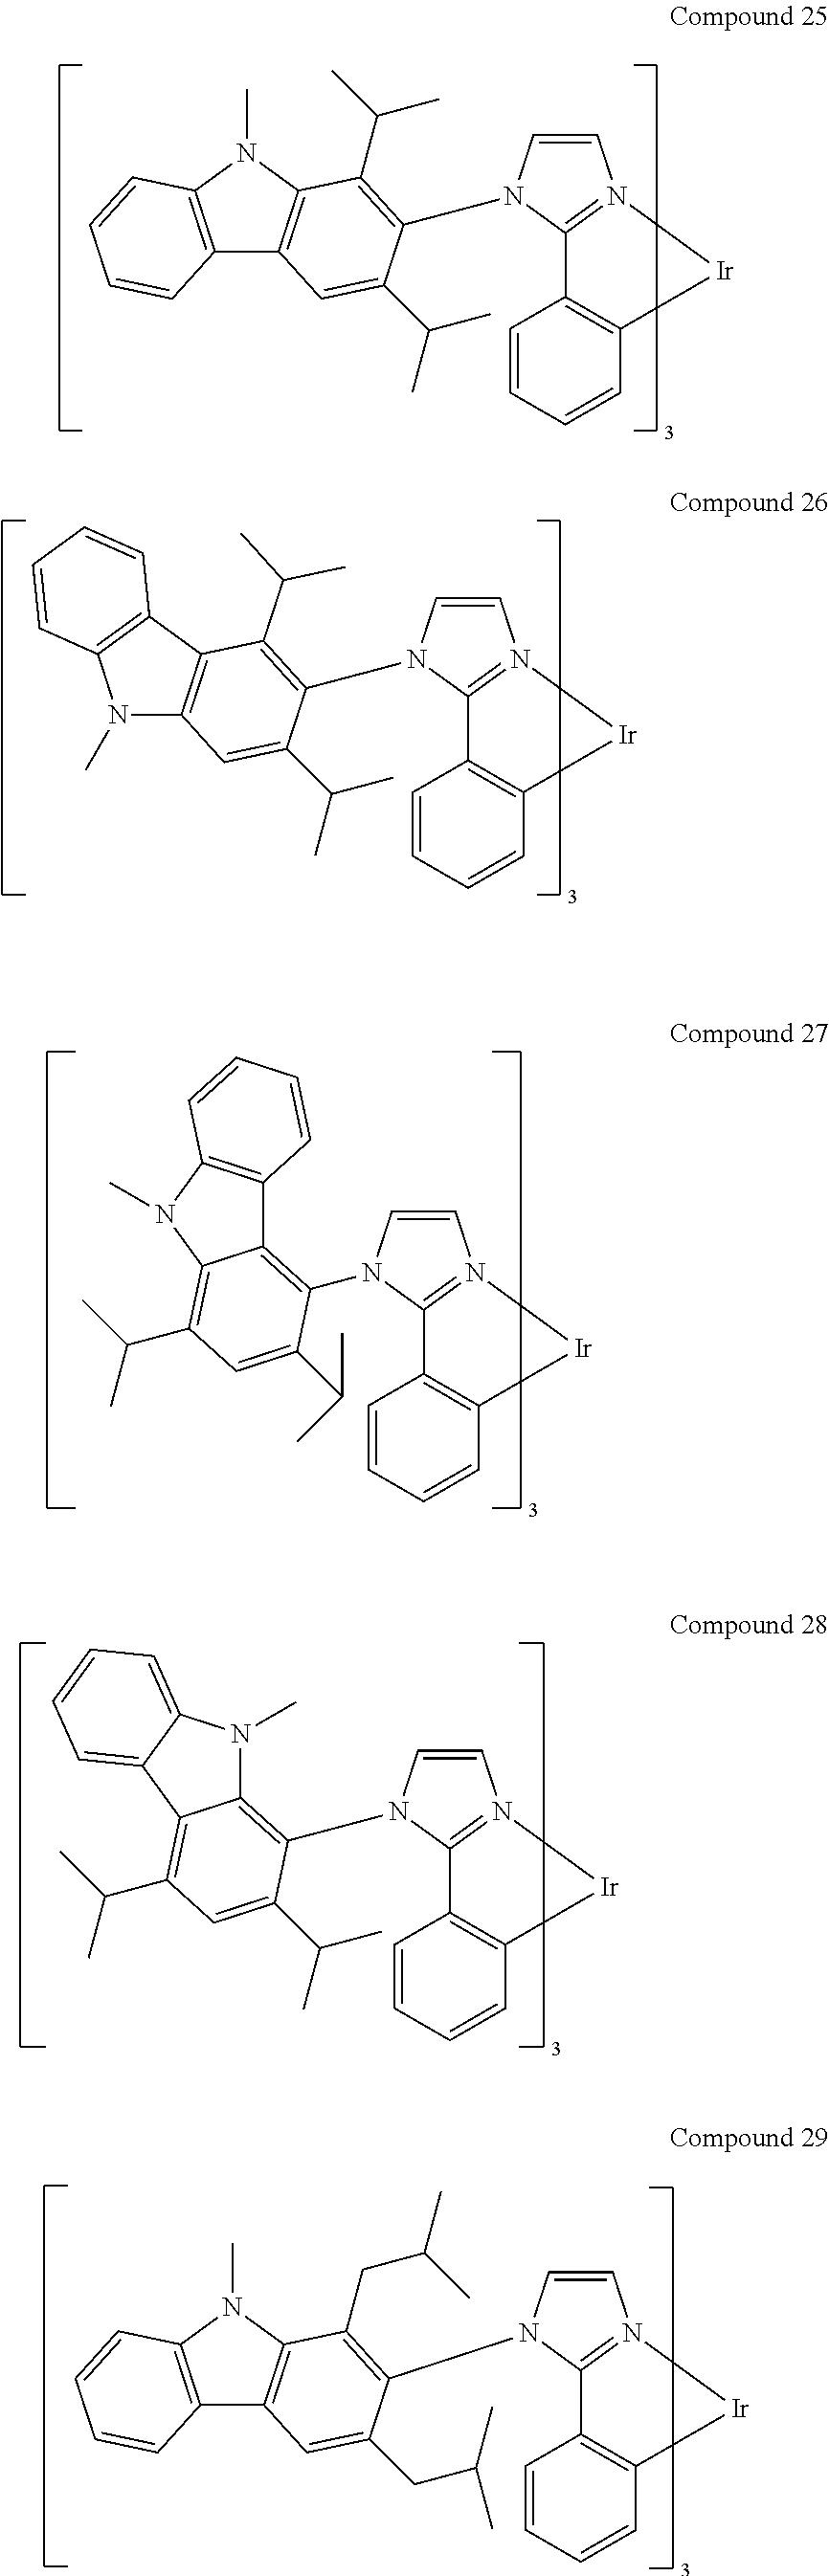 Figure US20110204333A1-20110825-C00041